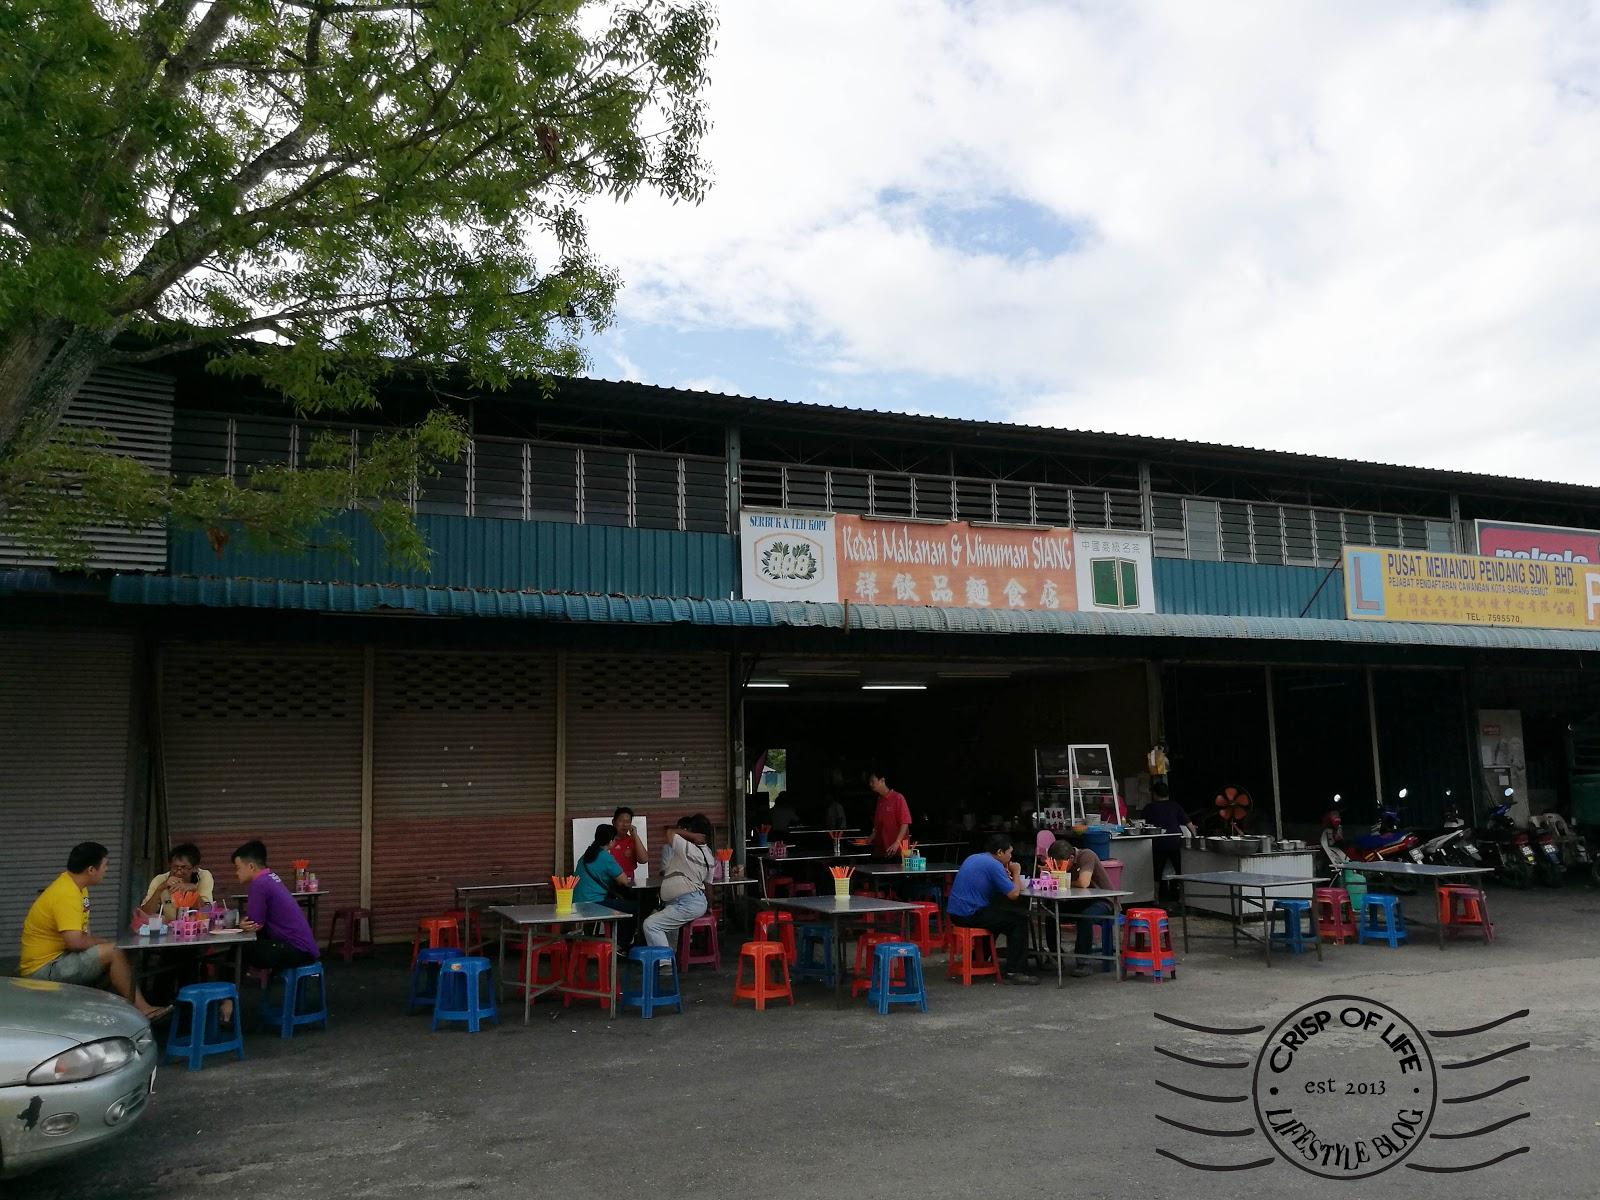 Ah Siang Wantan Mee Kota Sarang Semut Kedah